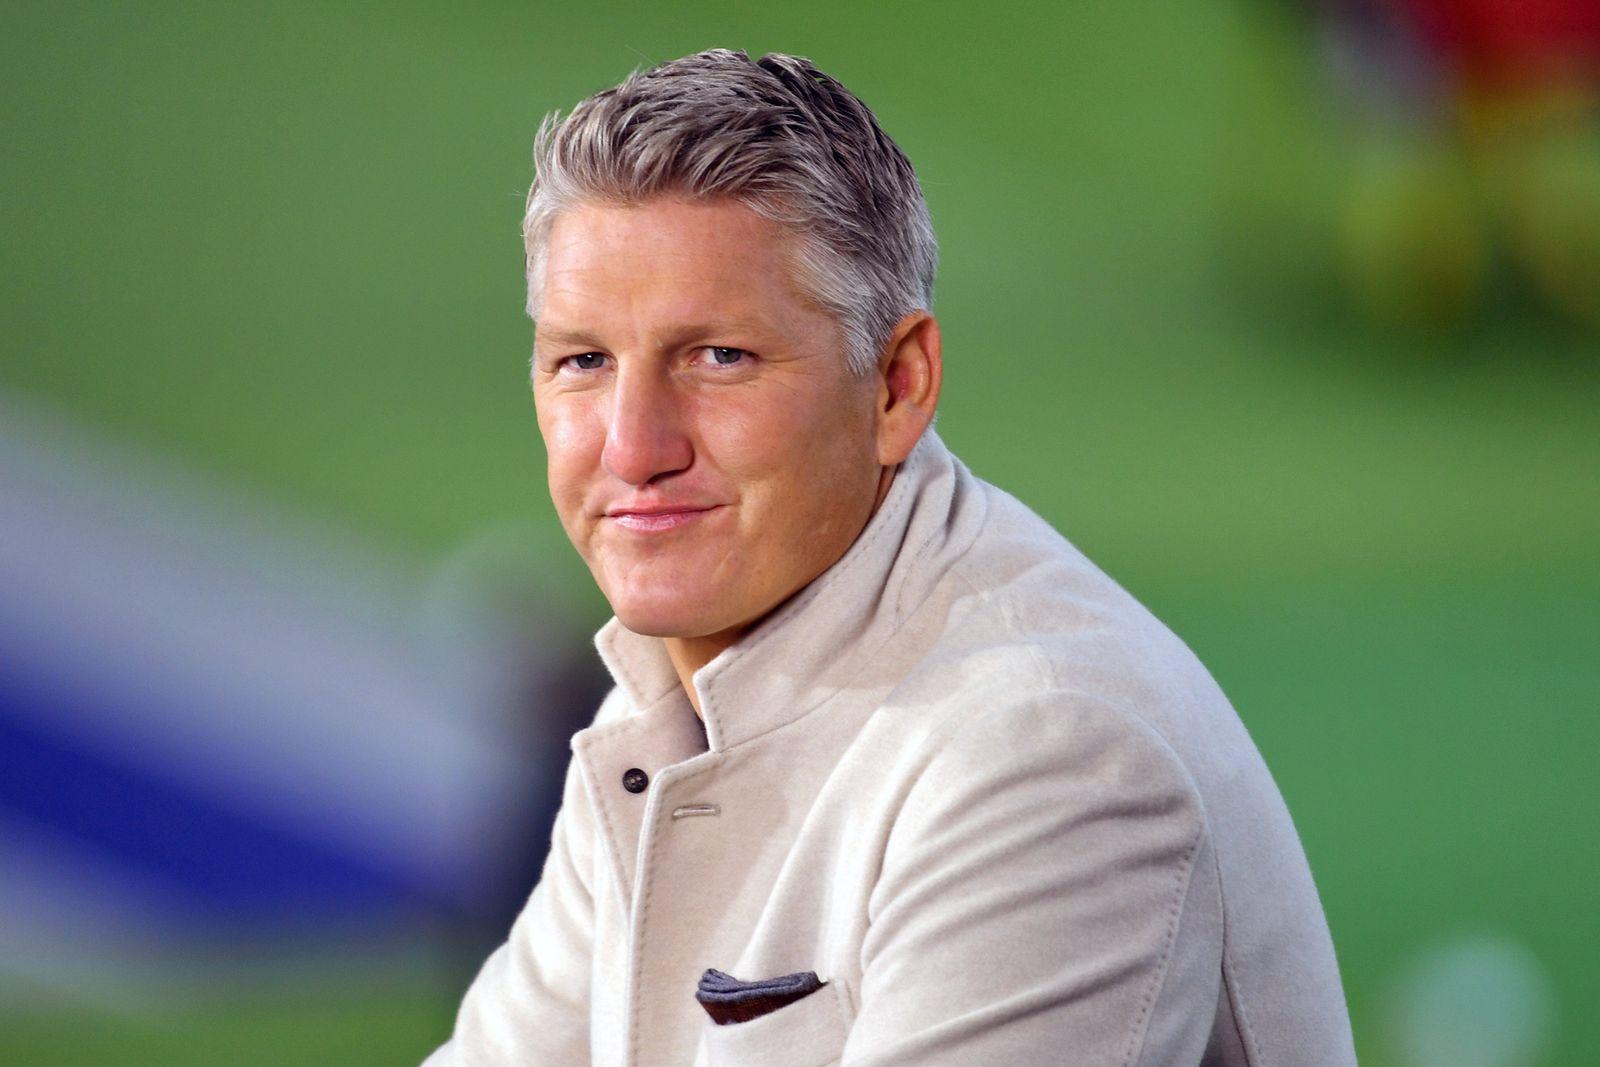 ARD Fussballexperte Bastian SCHWEINSTEIGER, Einzelbild,angeschnittenes Einzelmotiv,Portraet,Portrait,Porträt. 78. DFB Po